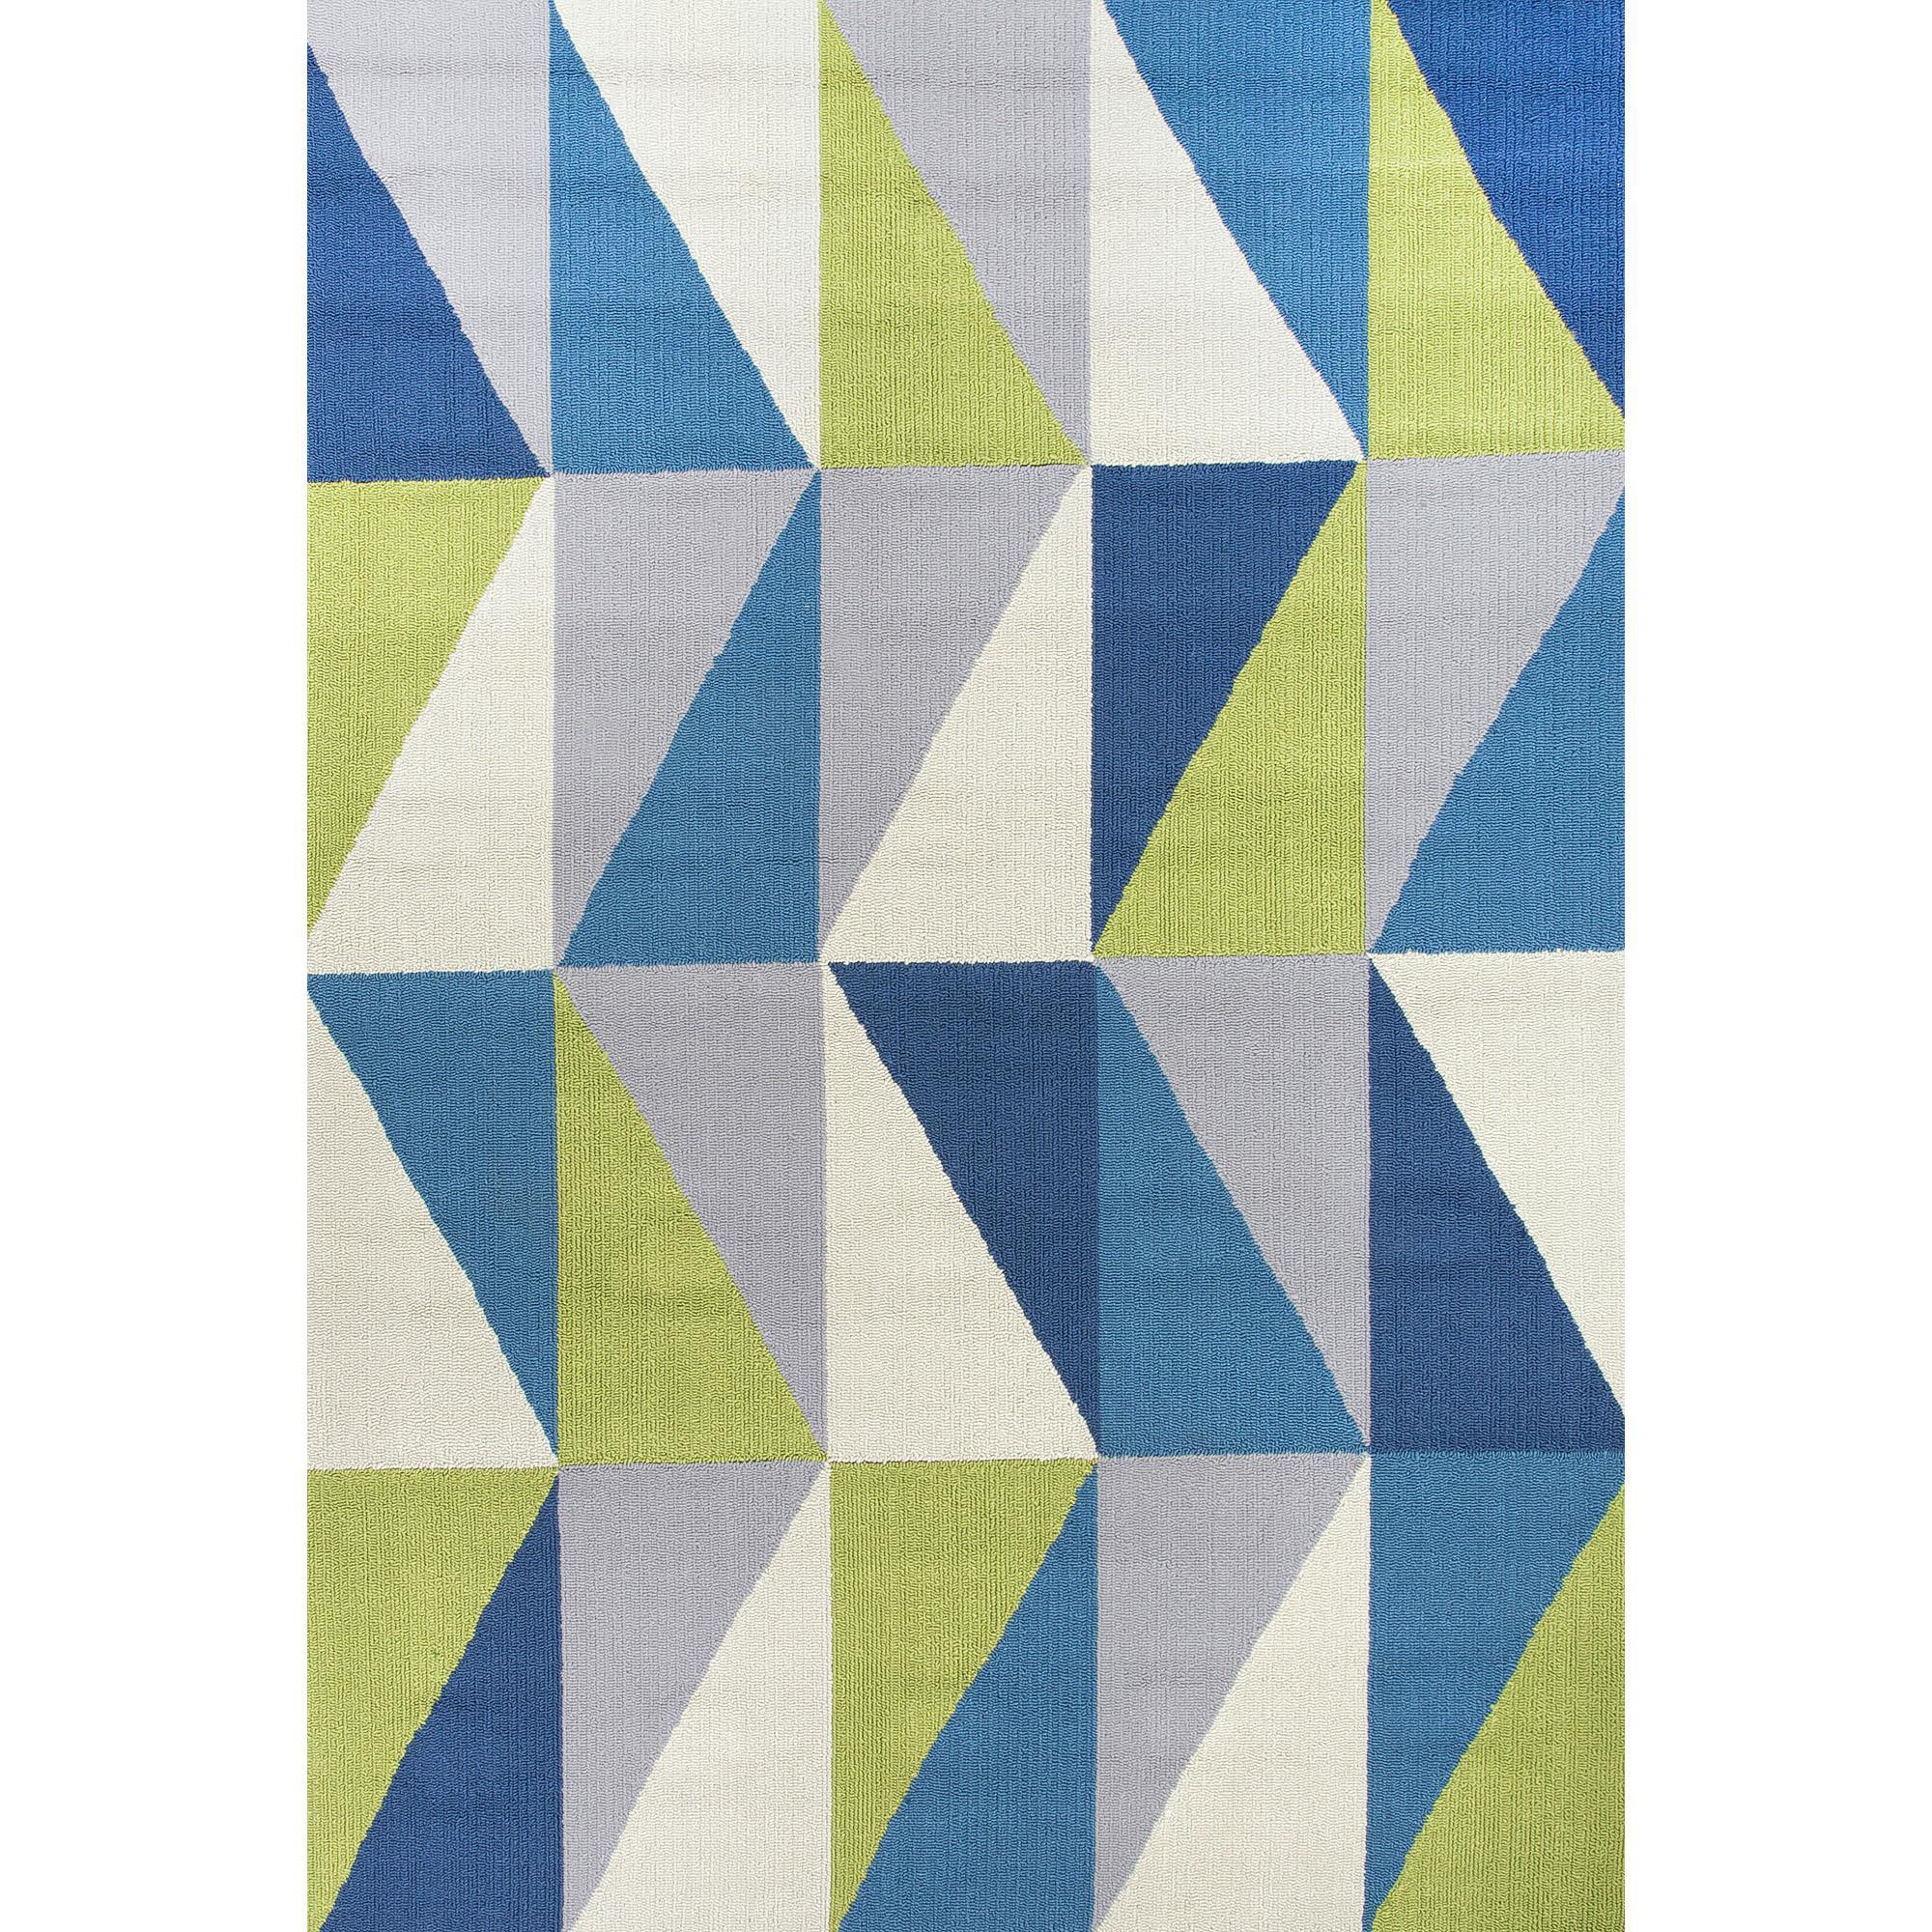 JAIPUR Rugs Colours 2 x 3 Rug - Item Number: RUG116436